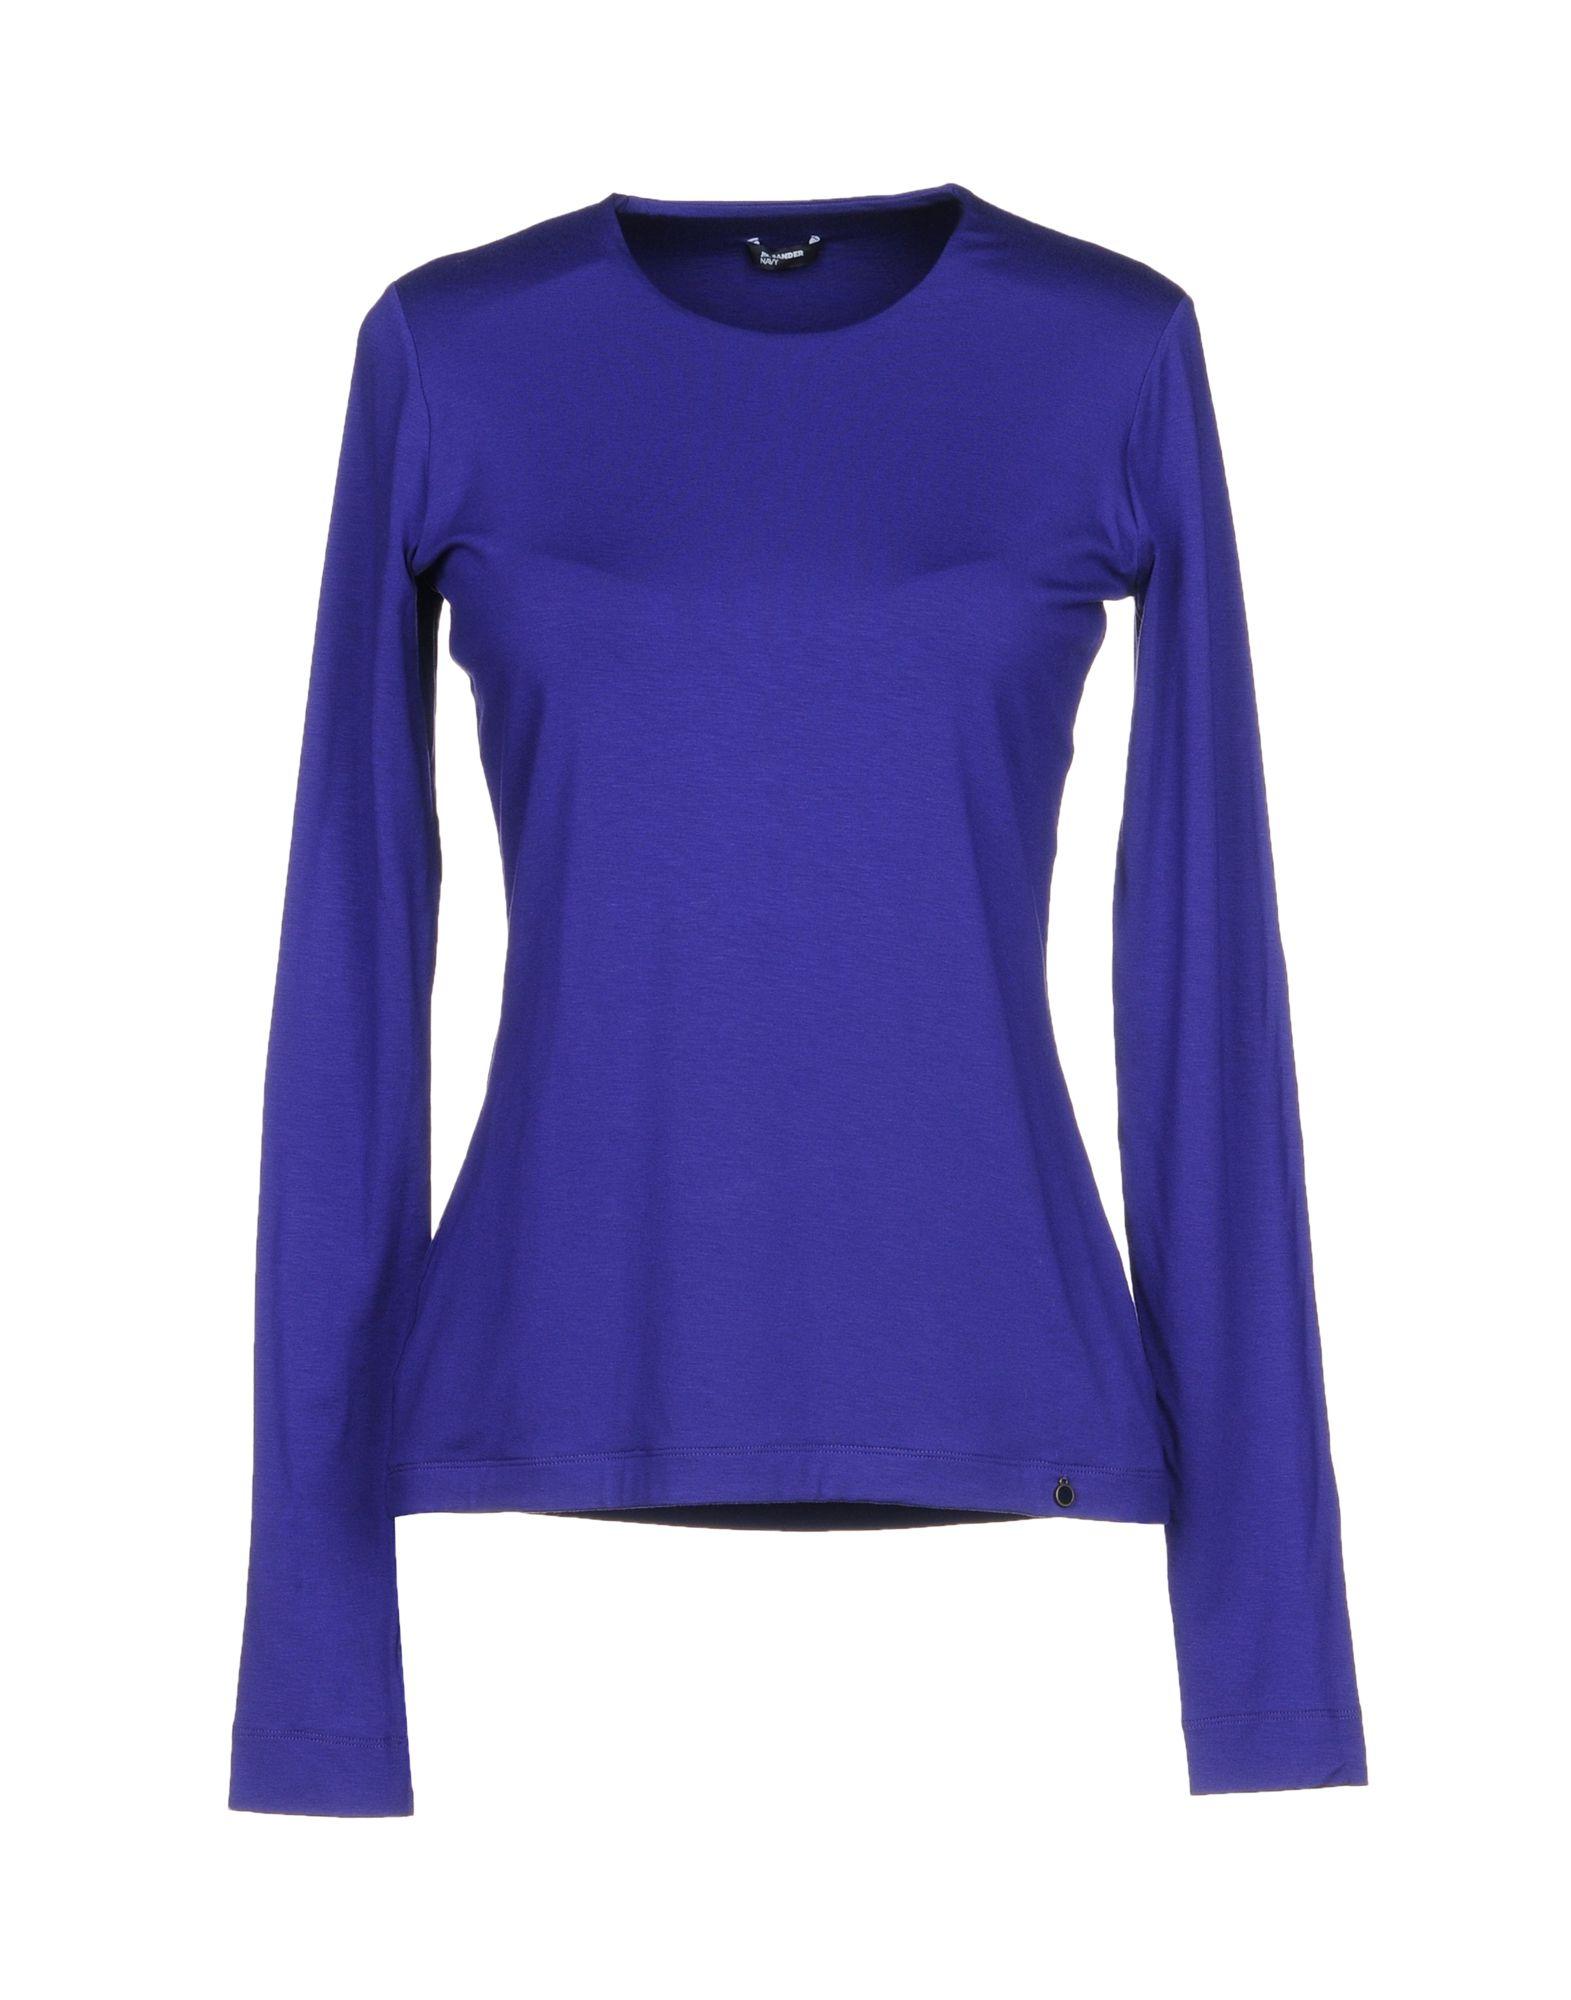 T-Shirt Jil Sander Navy Donna - Acquista online su Pk6VDw